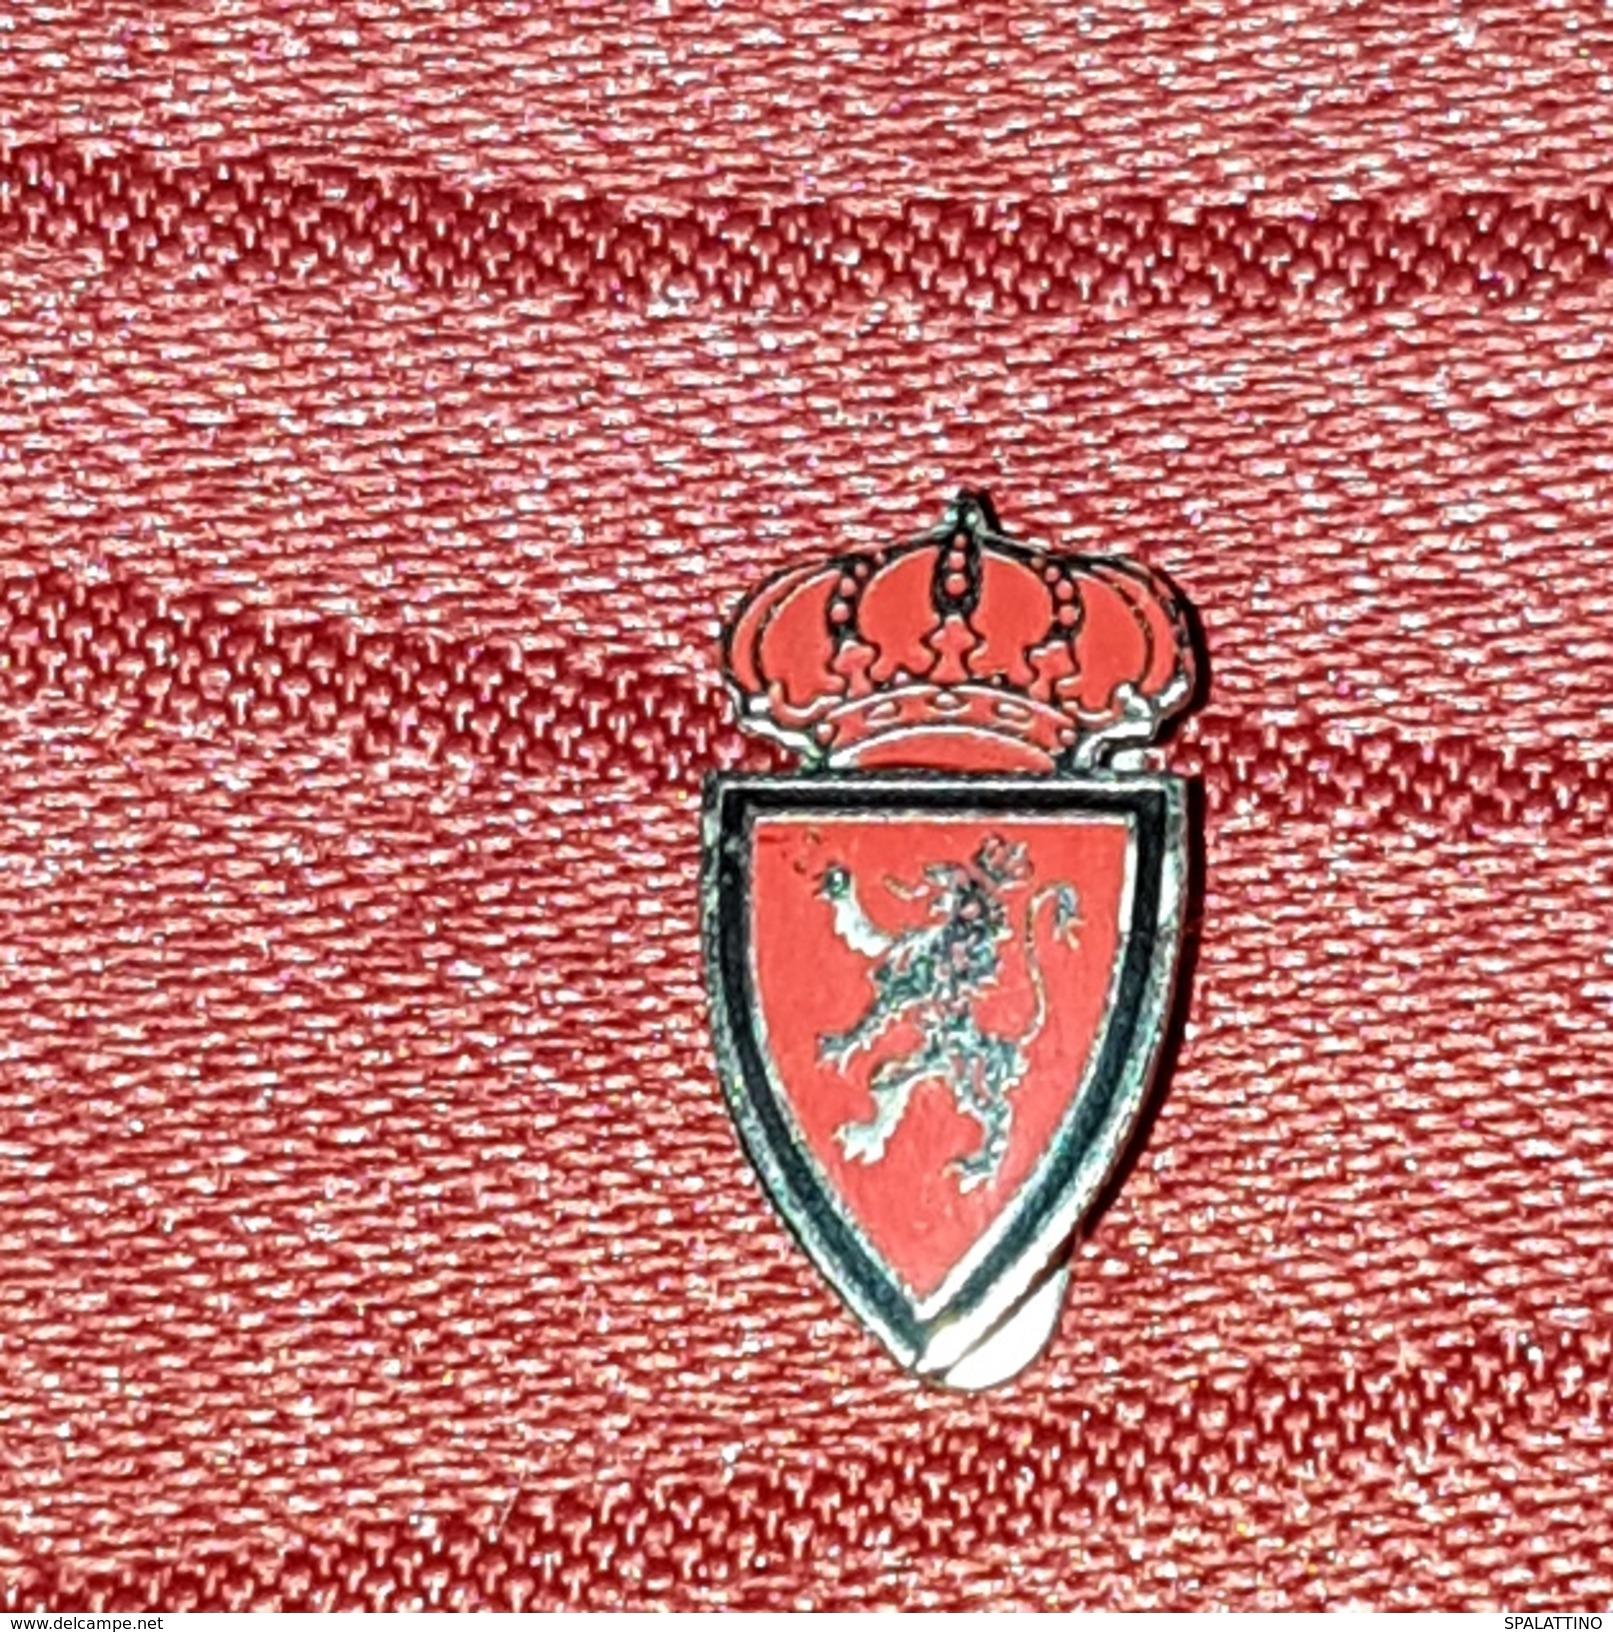 REAL ZARAGOZA CF, ORIGINAL VINTAGE BUTTOHOLE PIN, BADGE, SPAIN ESPAÑA - Fútbol